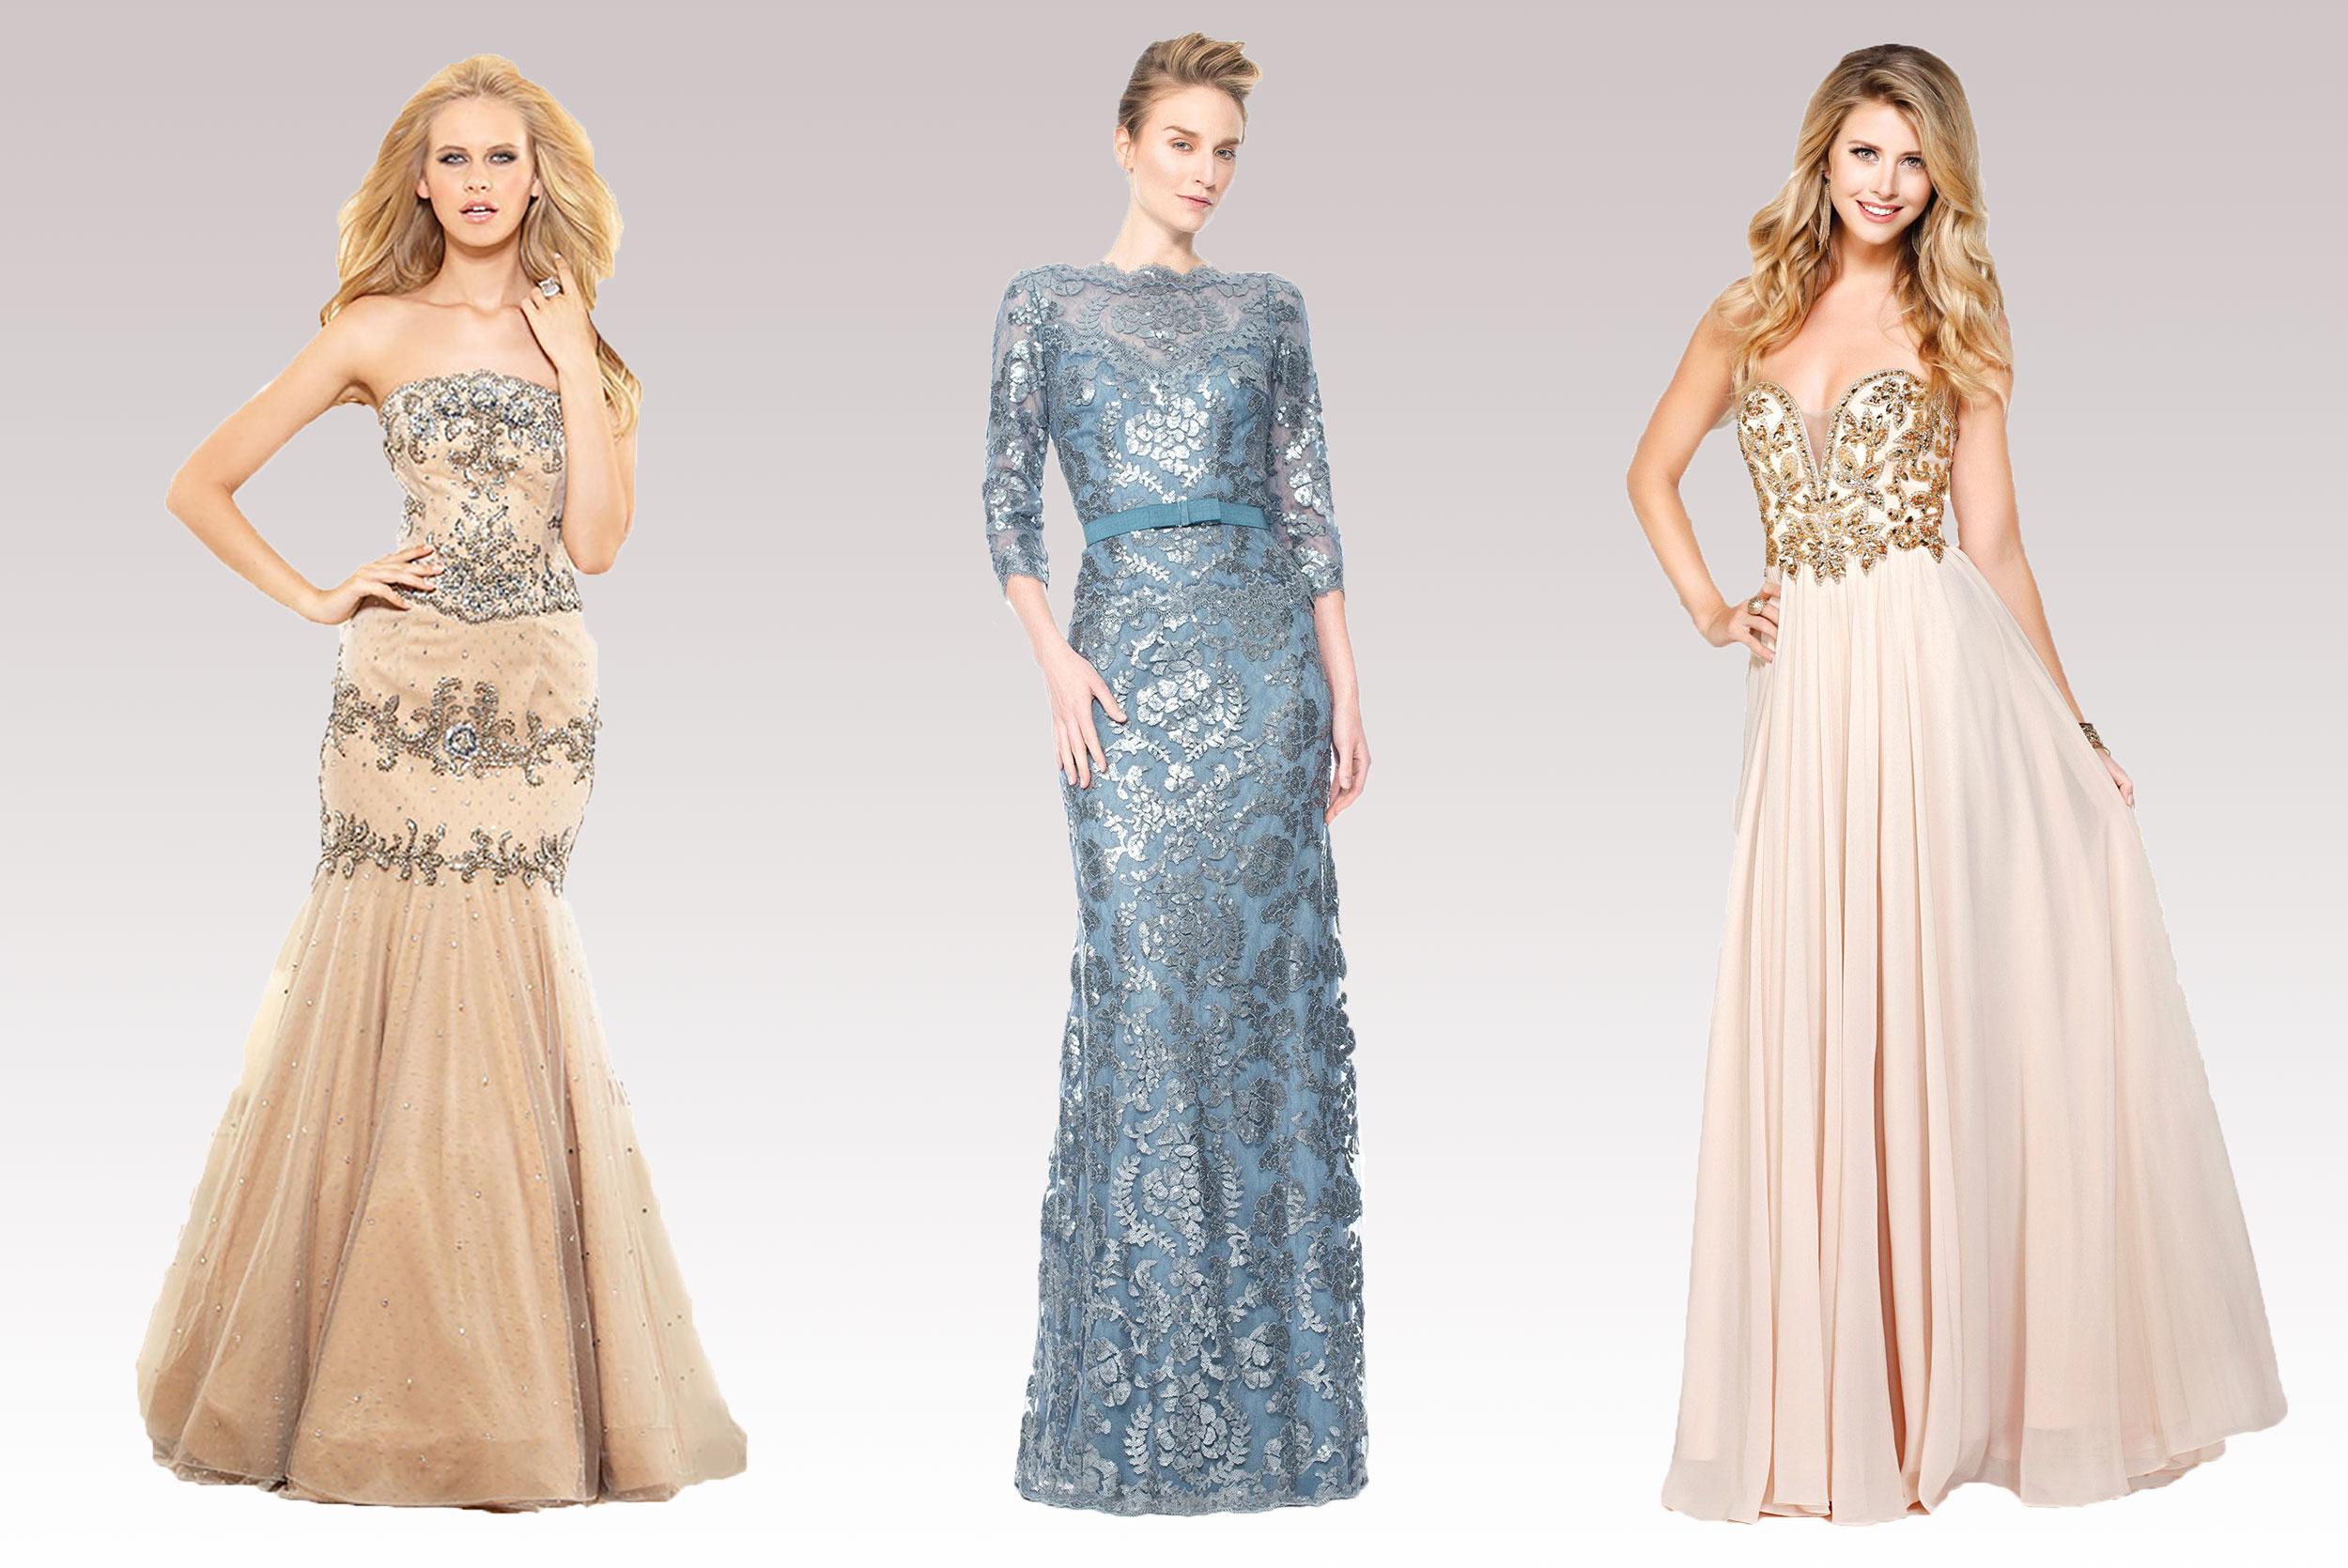 Invata sa stralucesti cu gama de rochii de seara dama de pe ShopAdviser